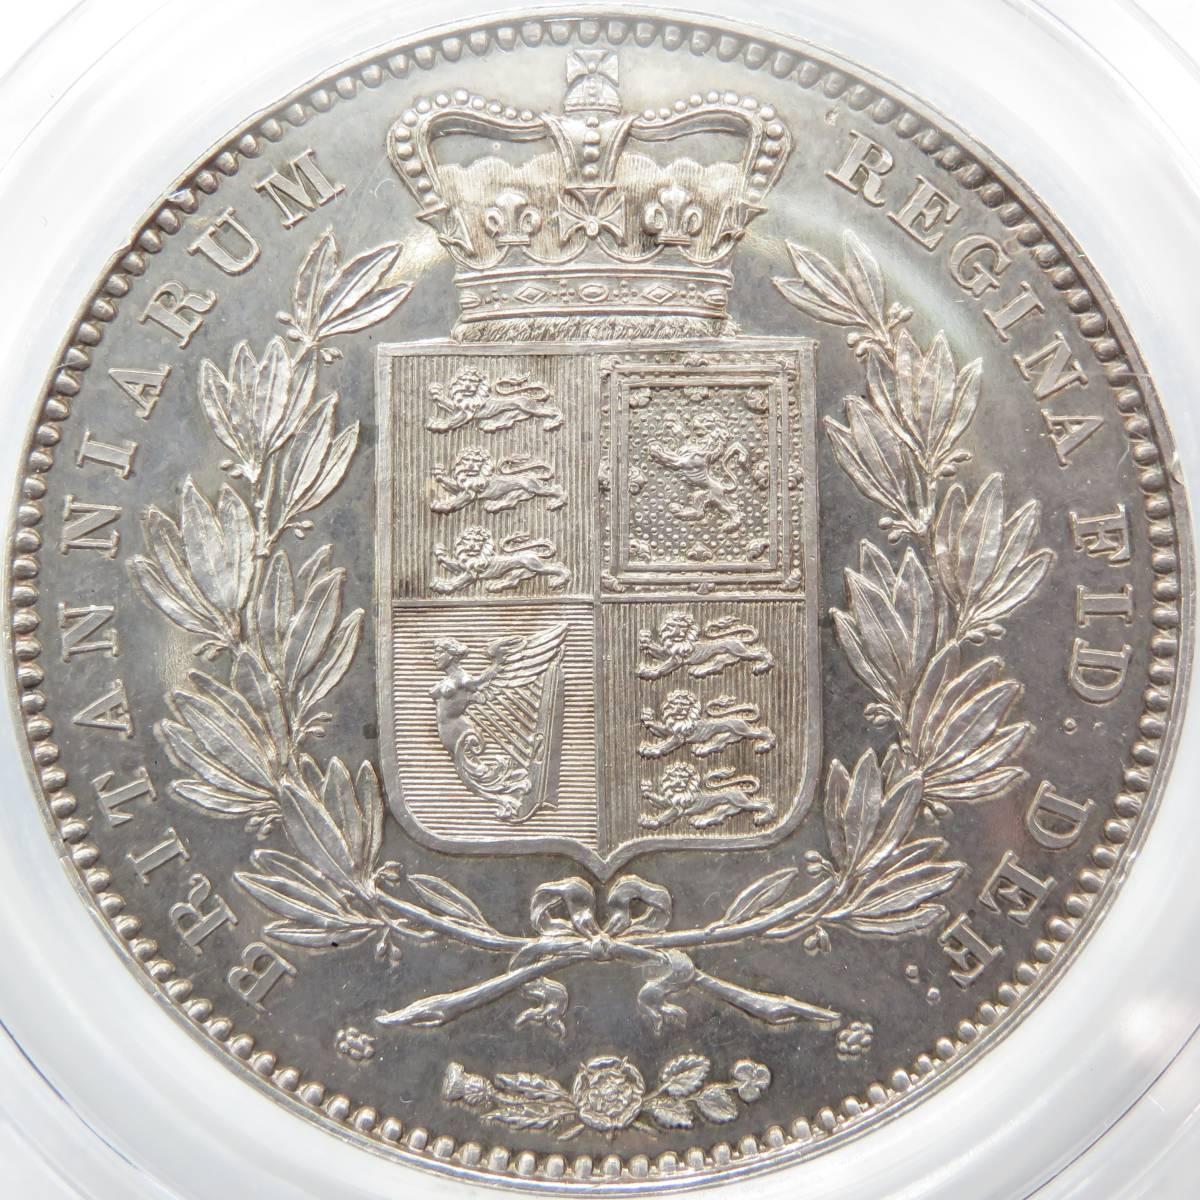 1839年 PF64 クラウン 銀貨 プルーフ ヴィクトリア イギリス CGS-UK UNC80 CROWN 完全未使用 PR64 ヤングヘッド S-3882 PROOF FDC 英国_美しい鏡面&精緻な打刻のプルーフ貨幣!